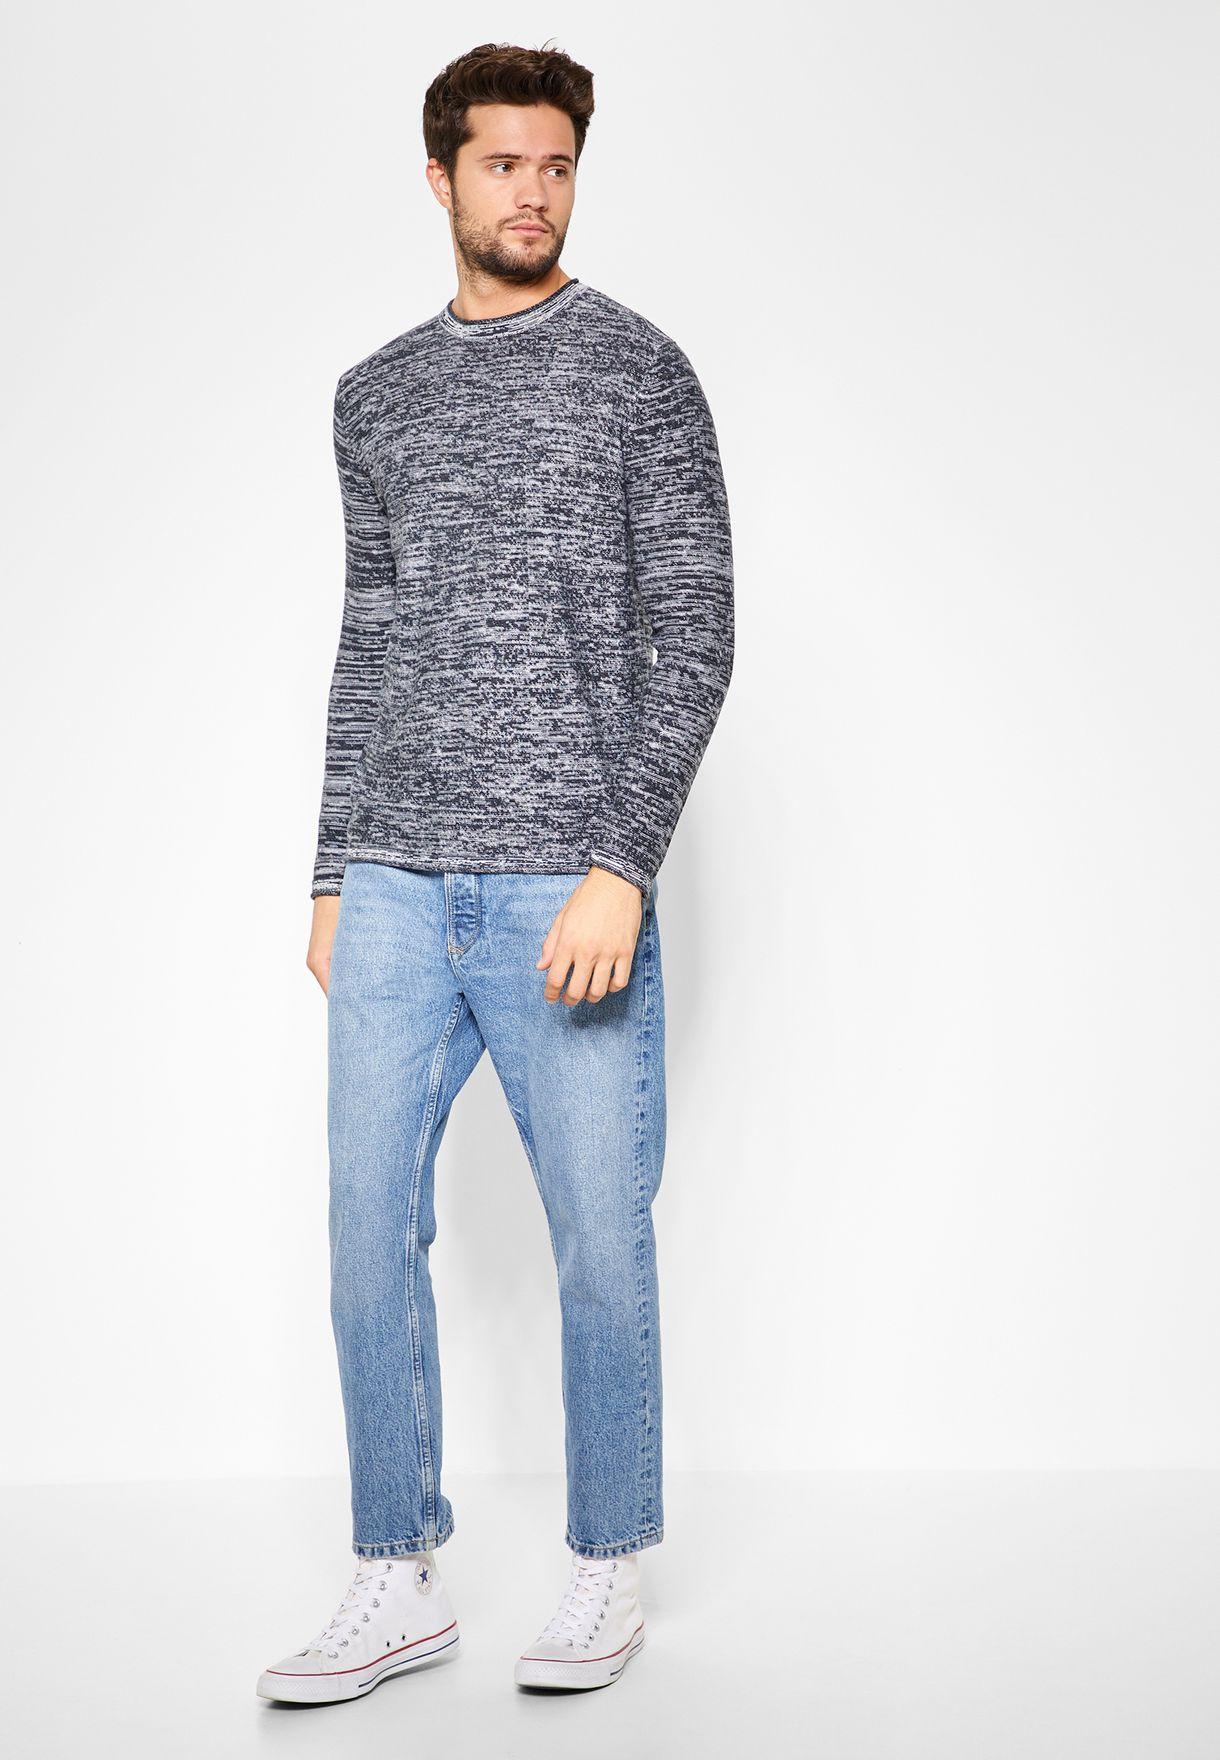 Catre Crew Neck Sweater